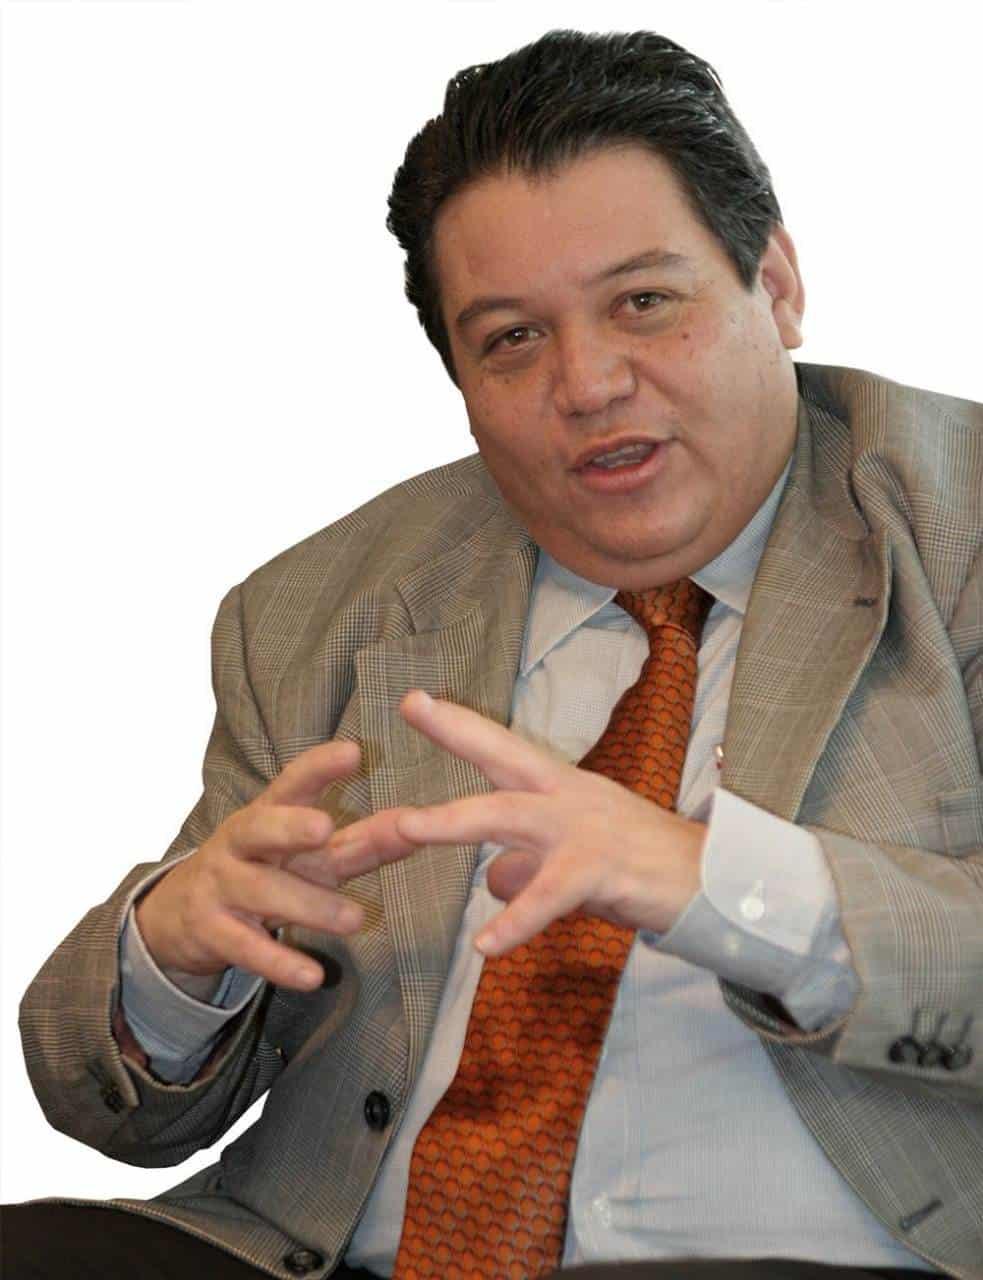 Rogelio Gómez Hermosillo